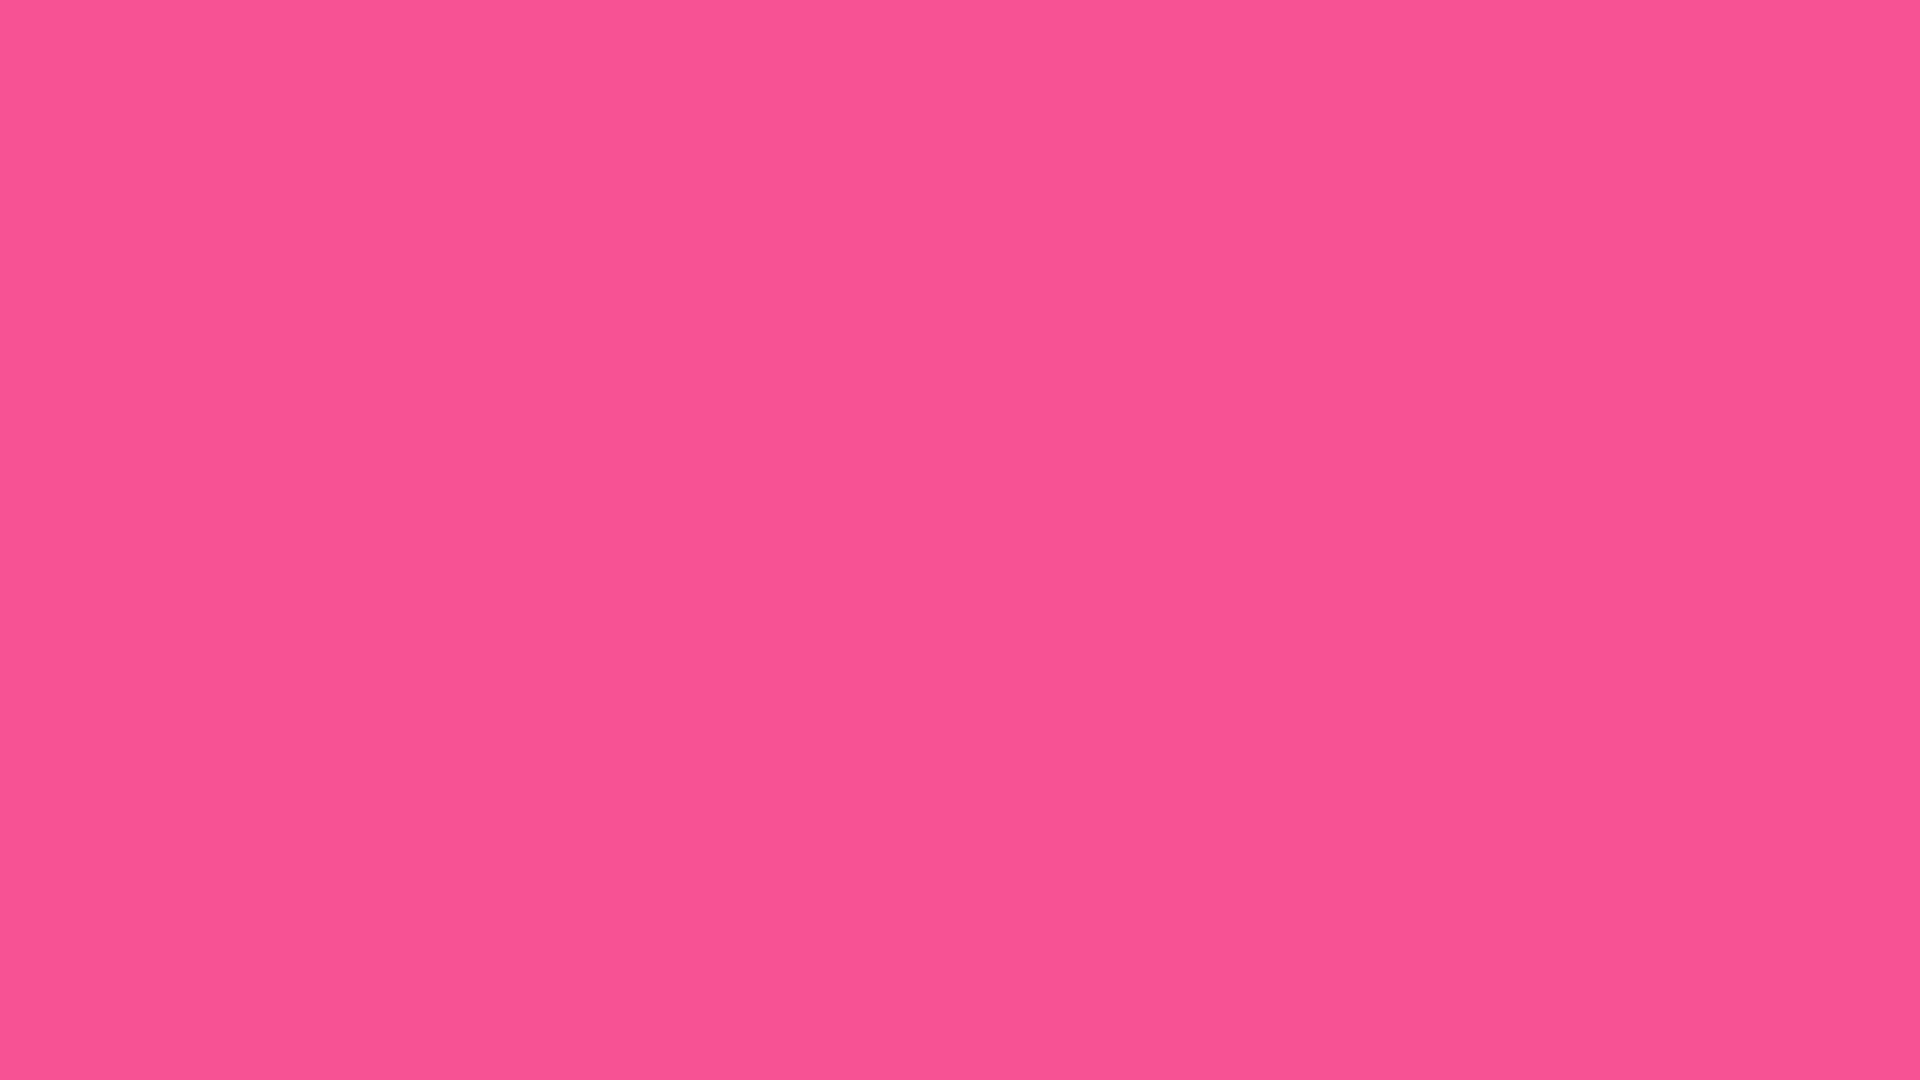 1920x1080 Violet-red Solid Color Background